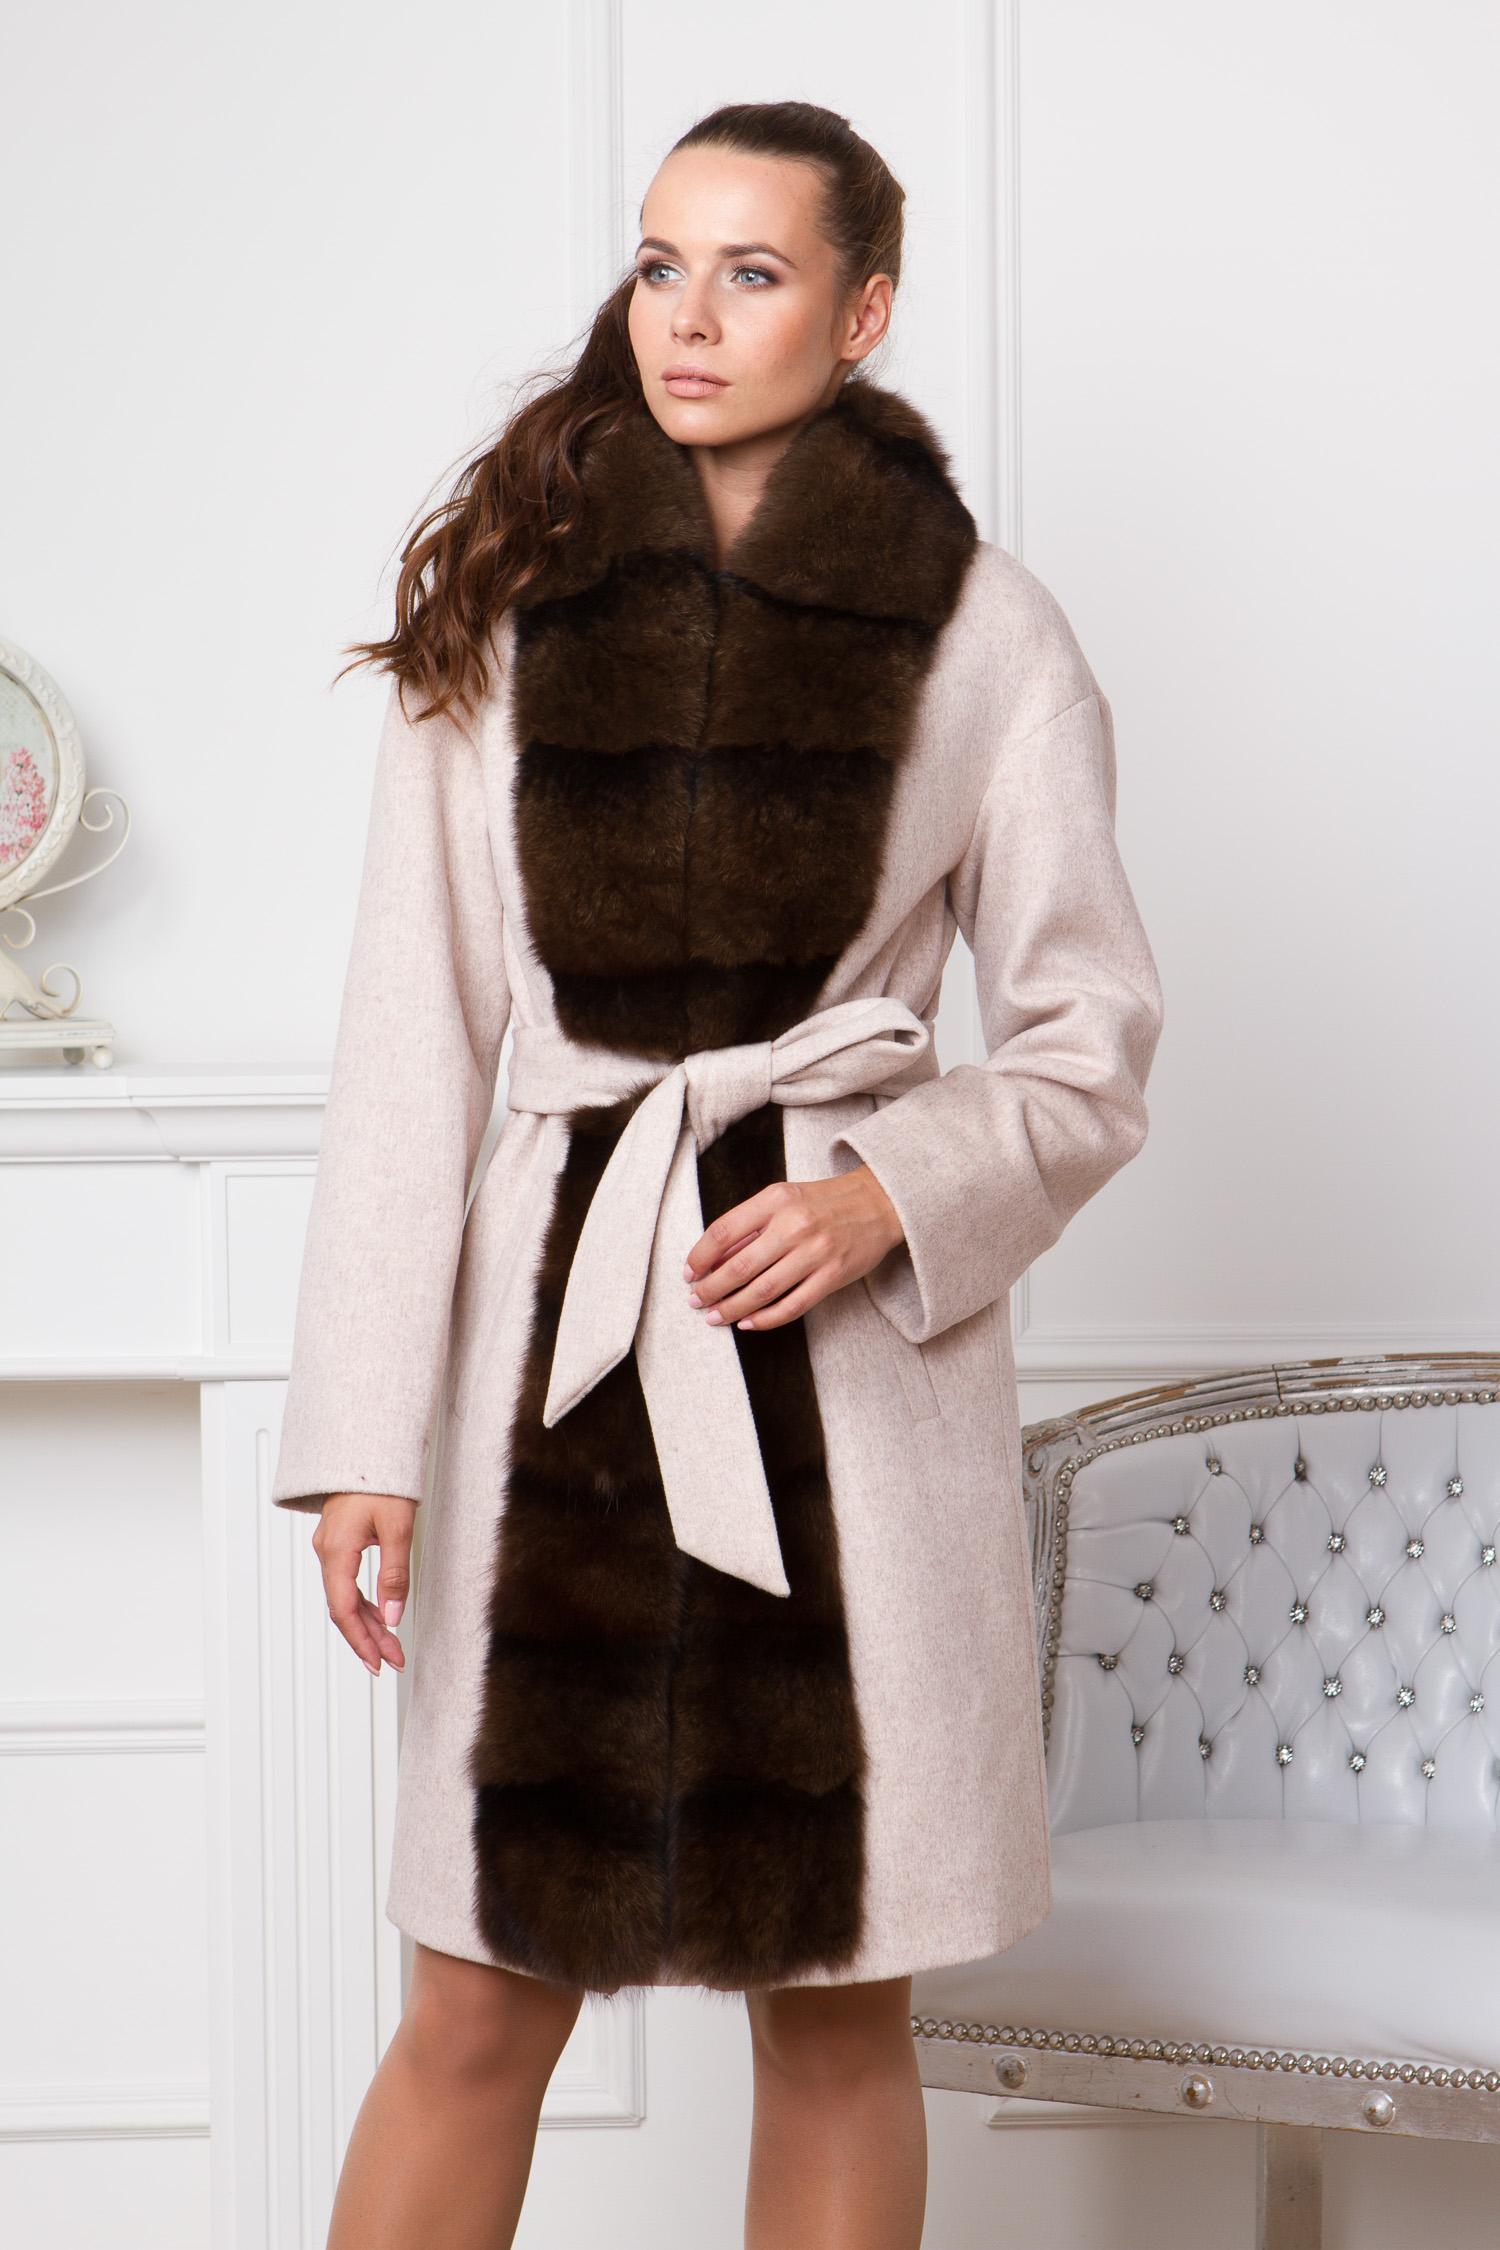 Женское пальто с воротником, отделка песец<br><br>Воротник: шаль<br>Длина см: Длинная (свыше 90)<br>Материал: Текстиль<br>Цвет: бежевый<br>Вид застежки: потайная<br>Застежка: на кнопки<br>Пол: Женский<br>Размер RU: 50